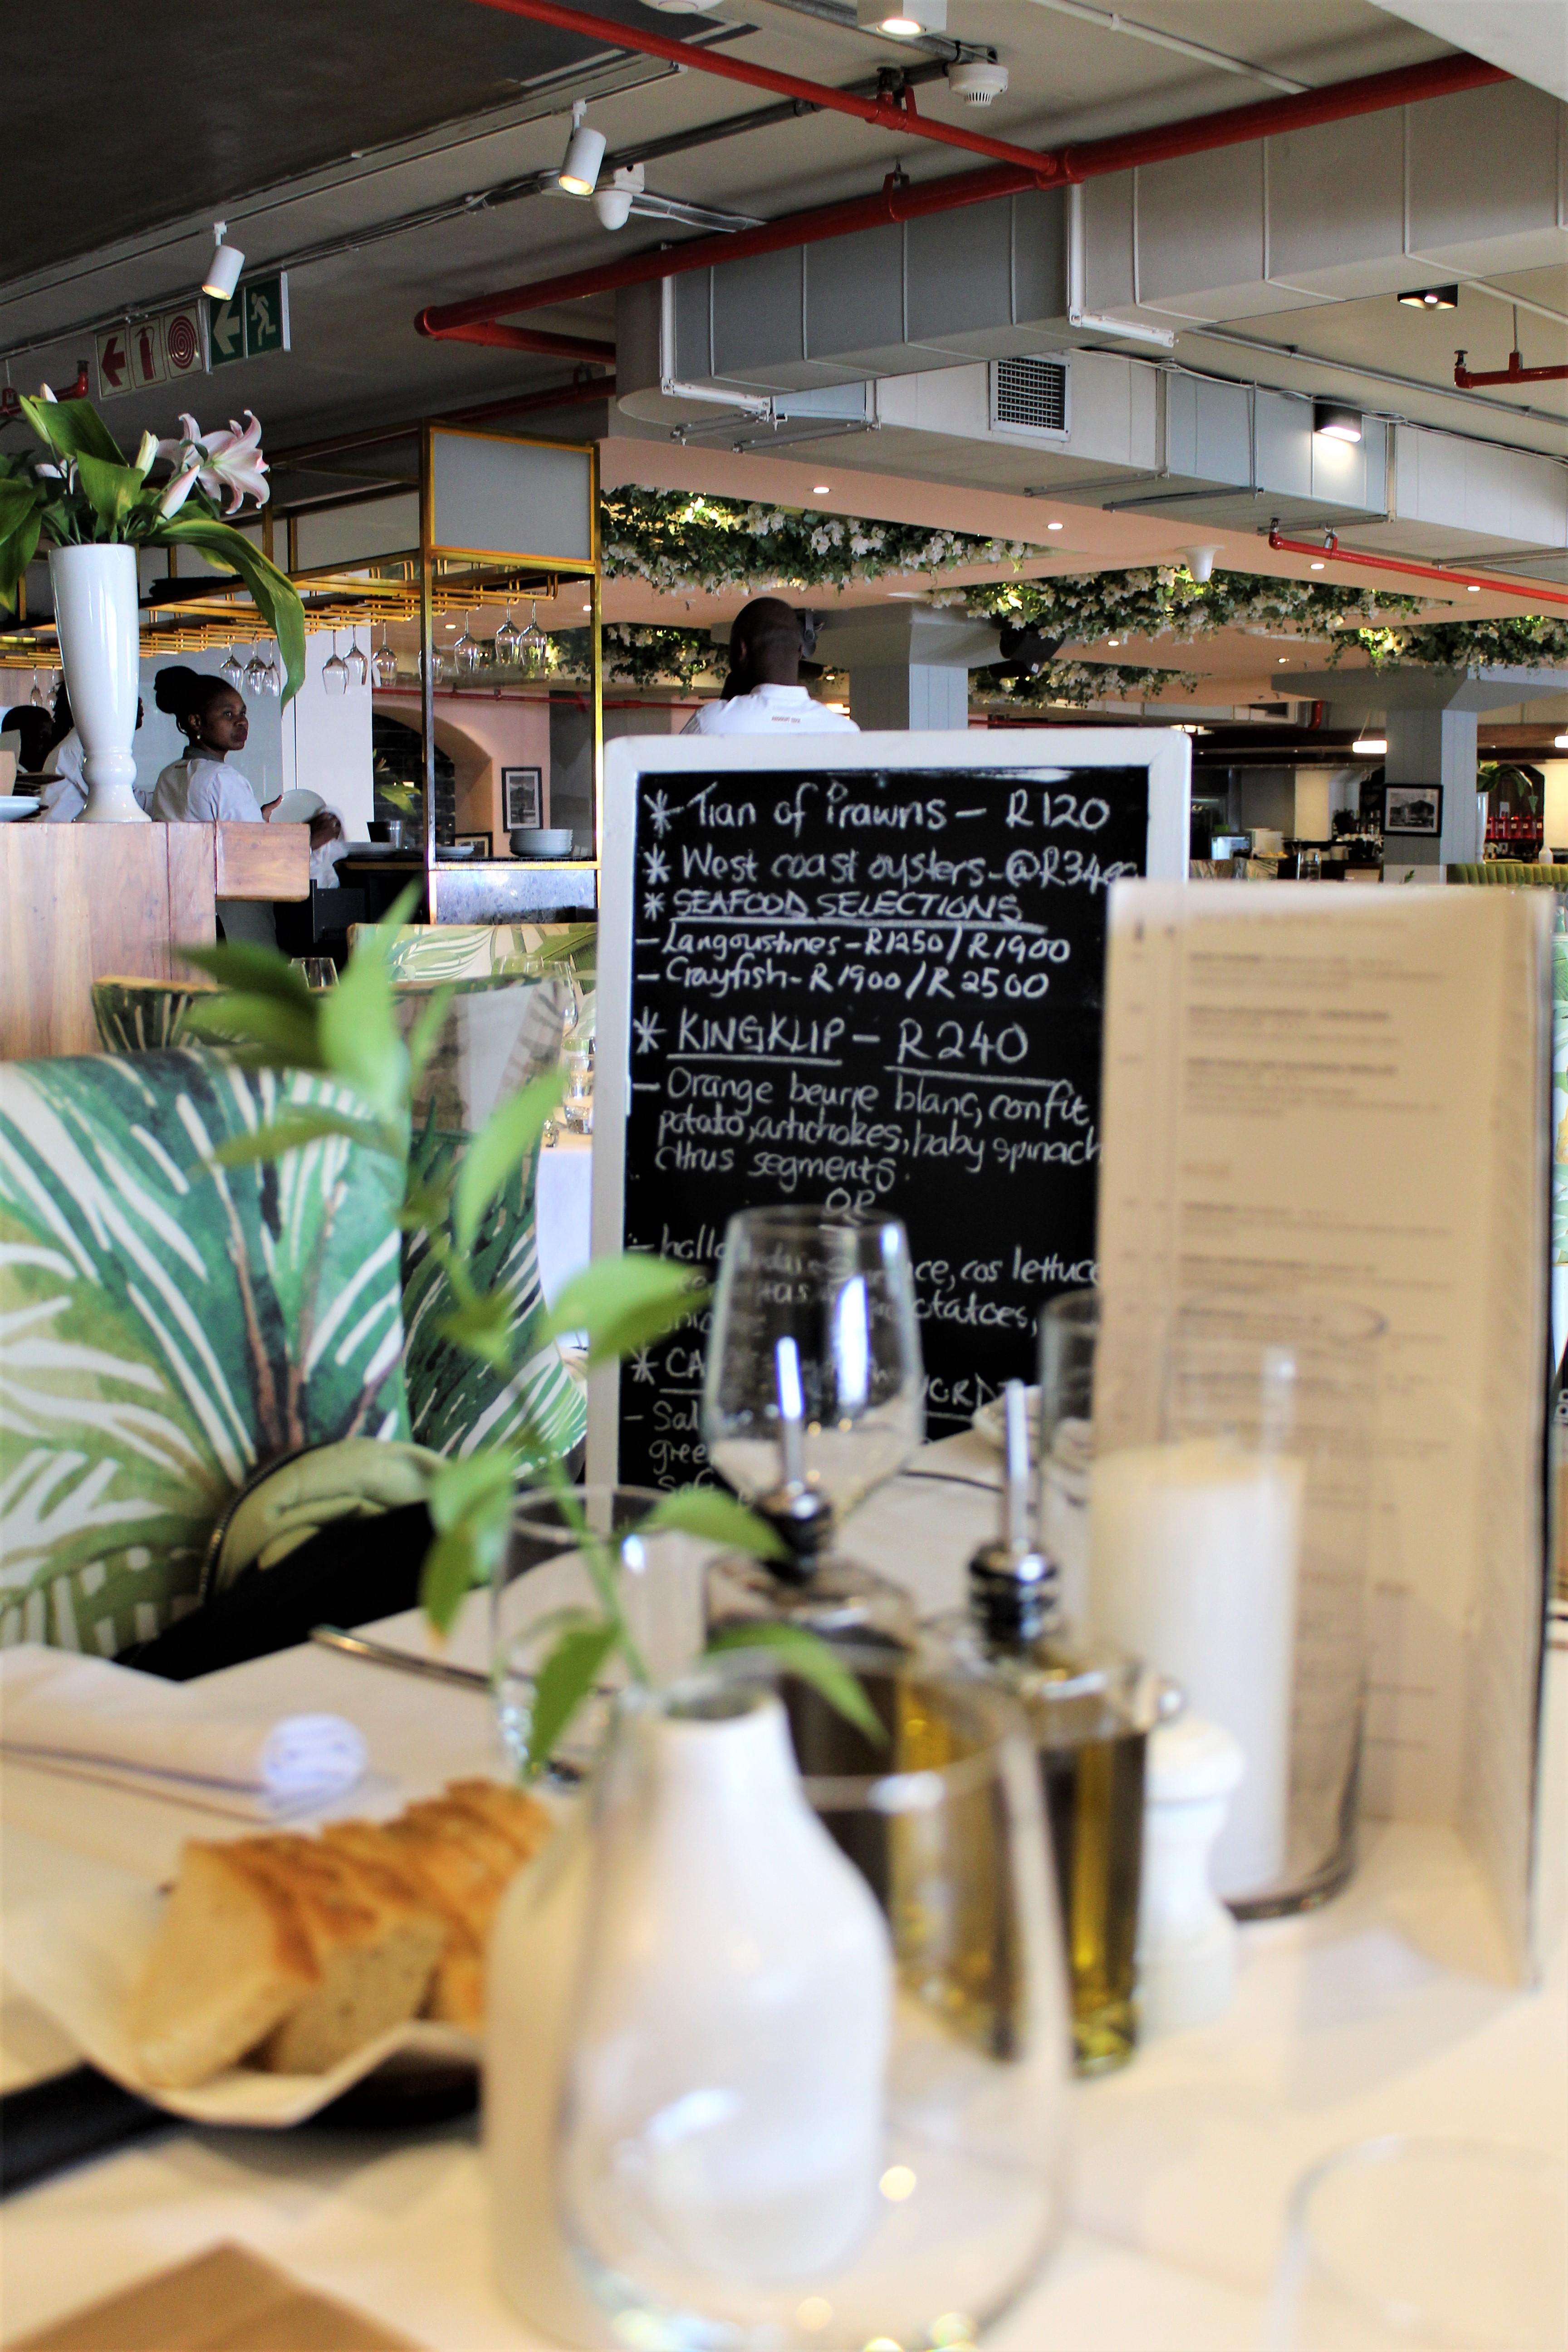 sevruga restaurant at V&A waterfront at cape town interior and menu